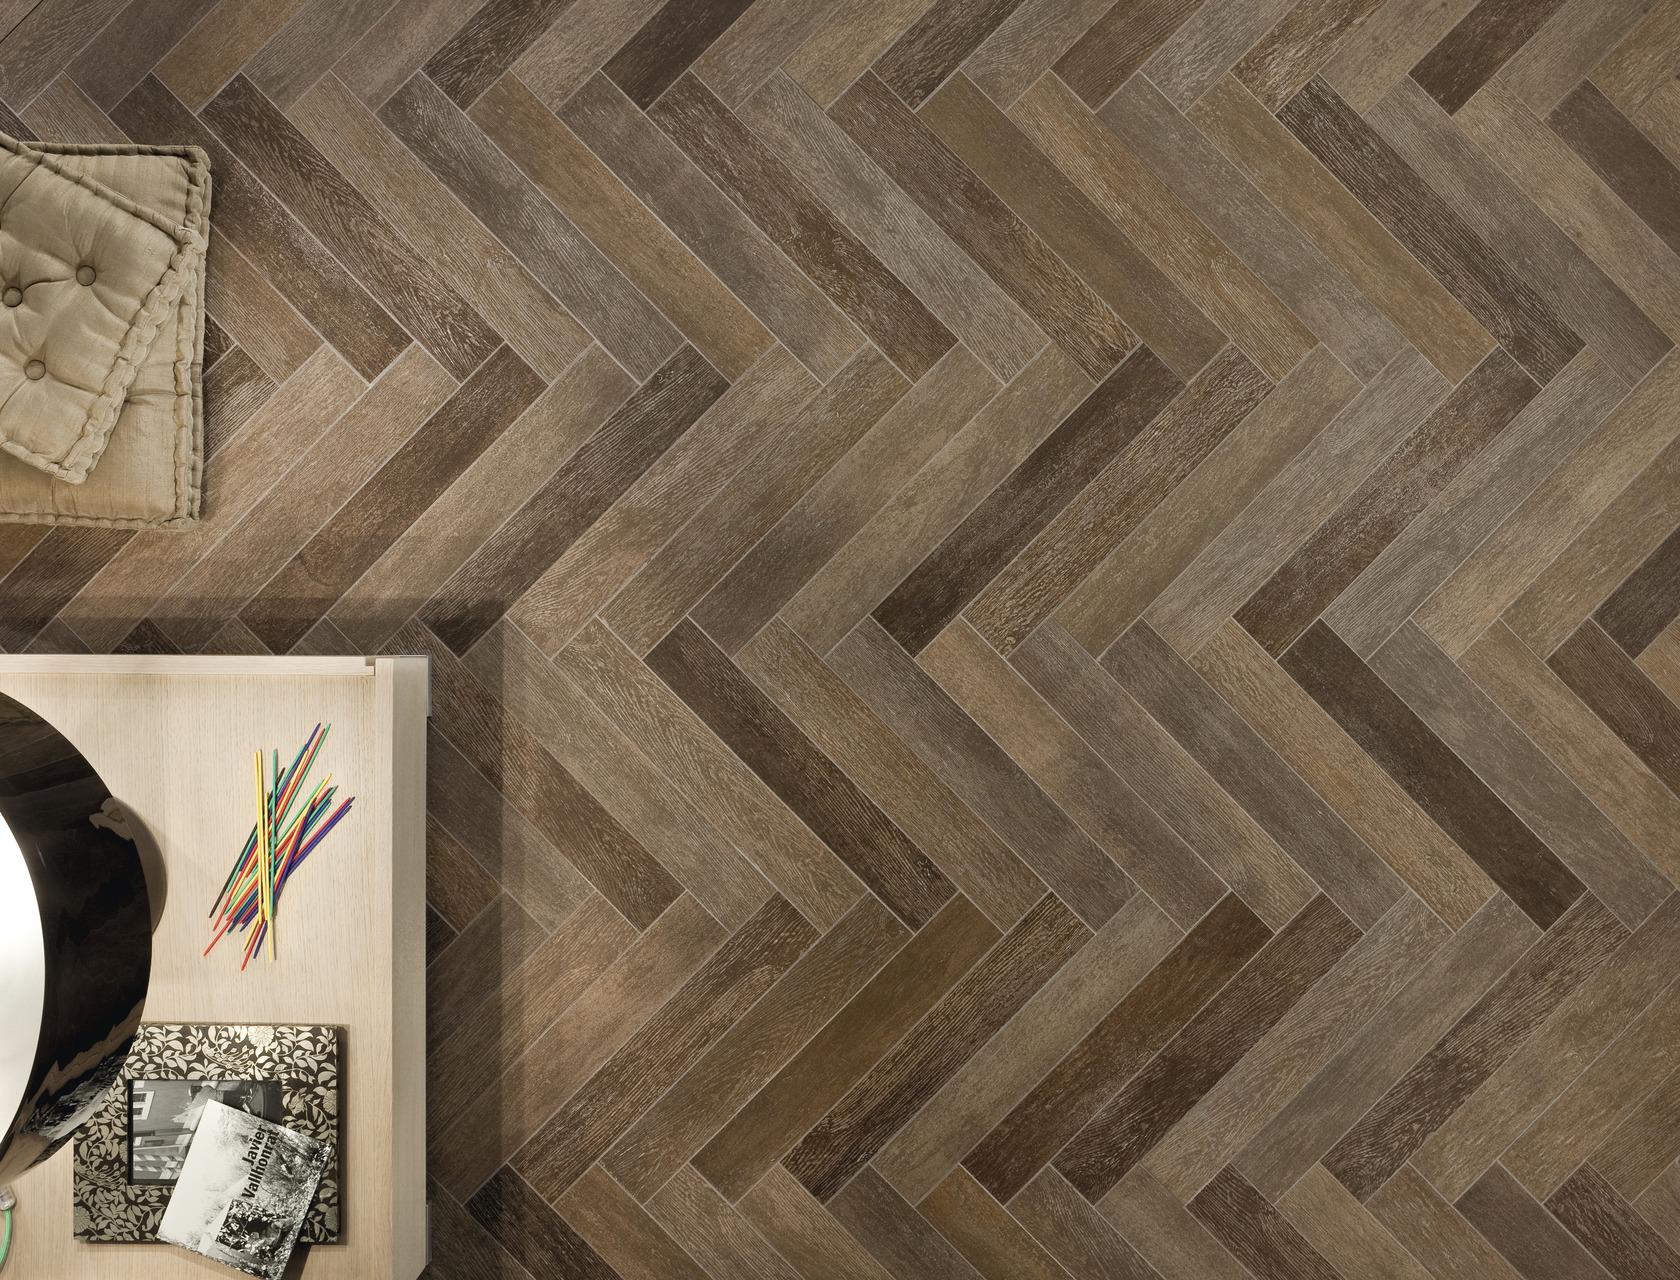 Gres effetto legno scuro per interni esterni rovere moka for Schemi di posa gres porcellanato effetto legno